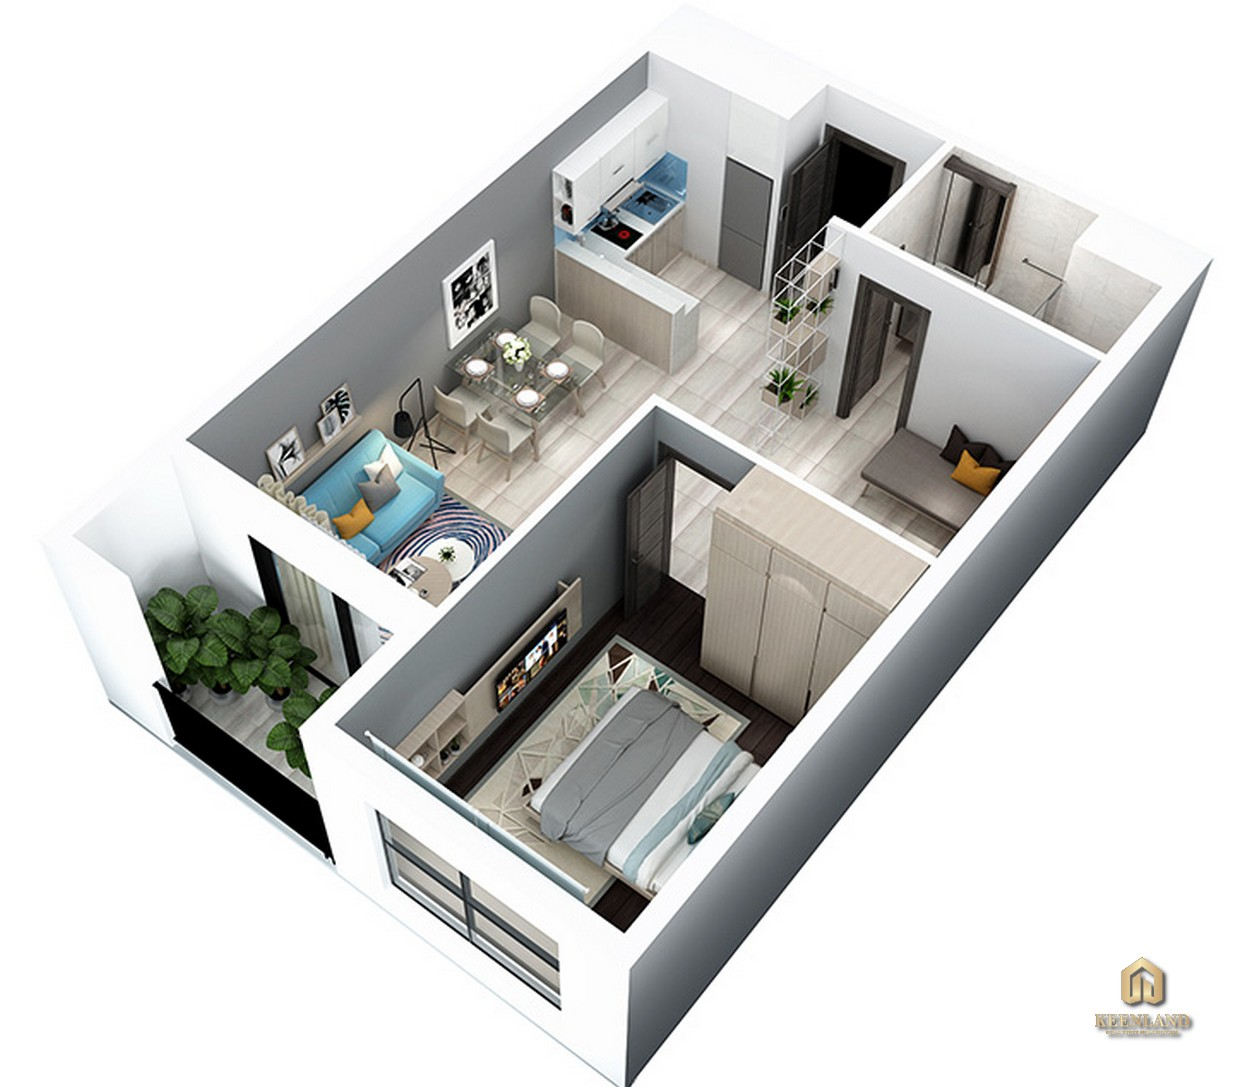 Thiết kế chi tiết căn hộ 1 phòng ngủ và 1 phòng đa năng